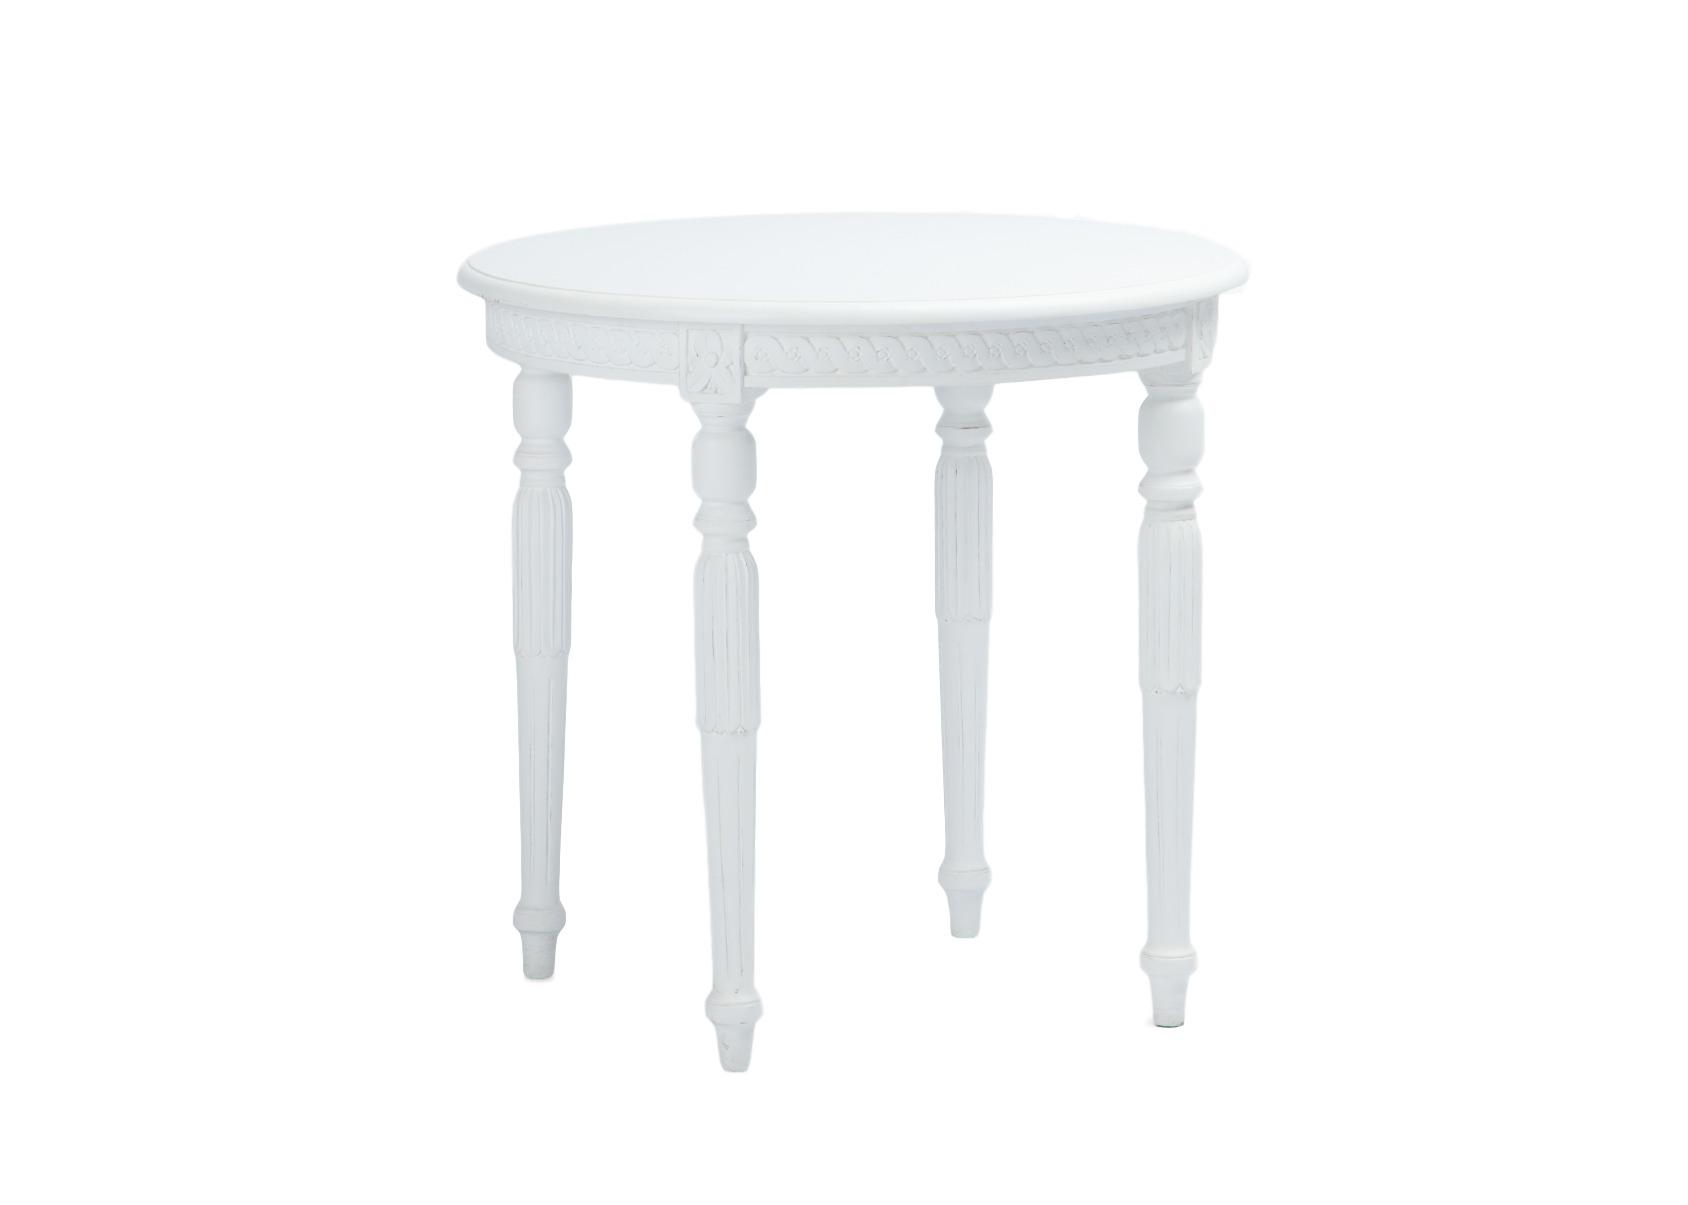 СтоликЖурнальные столики<br>Круглый столик на резных ножках из дерева махагони в густавианском стиле.<br><br>Material: Красное дерево<br>Height см: 65<br>Diameter см: 70